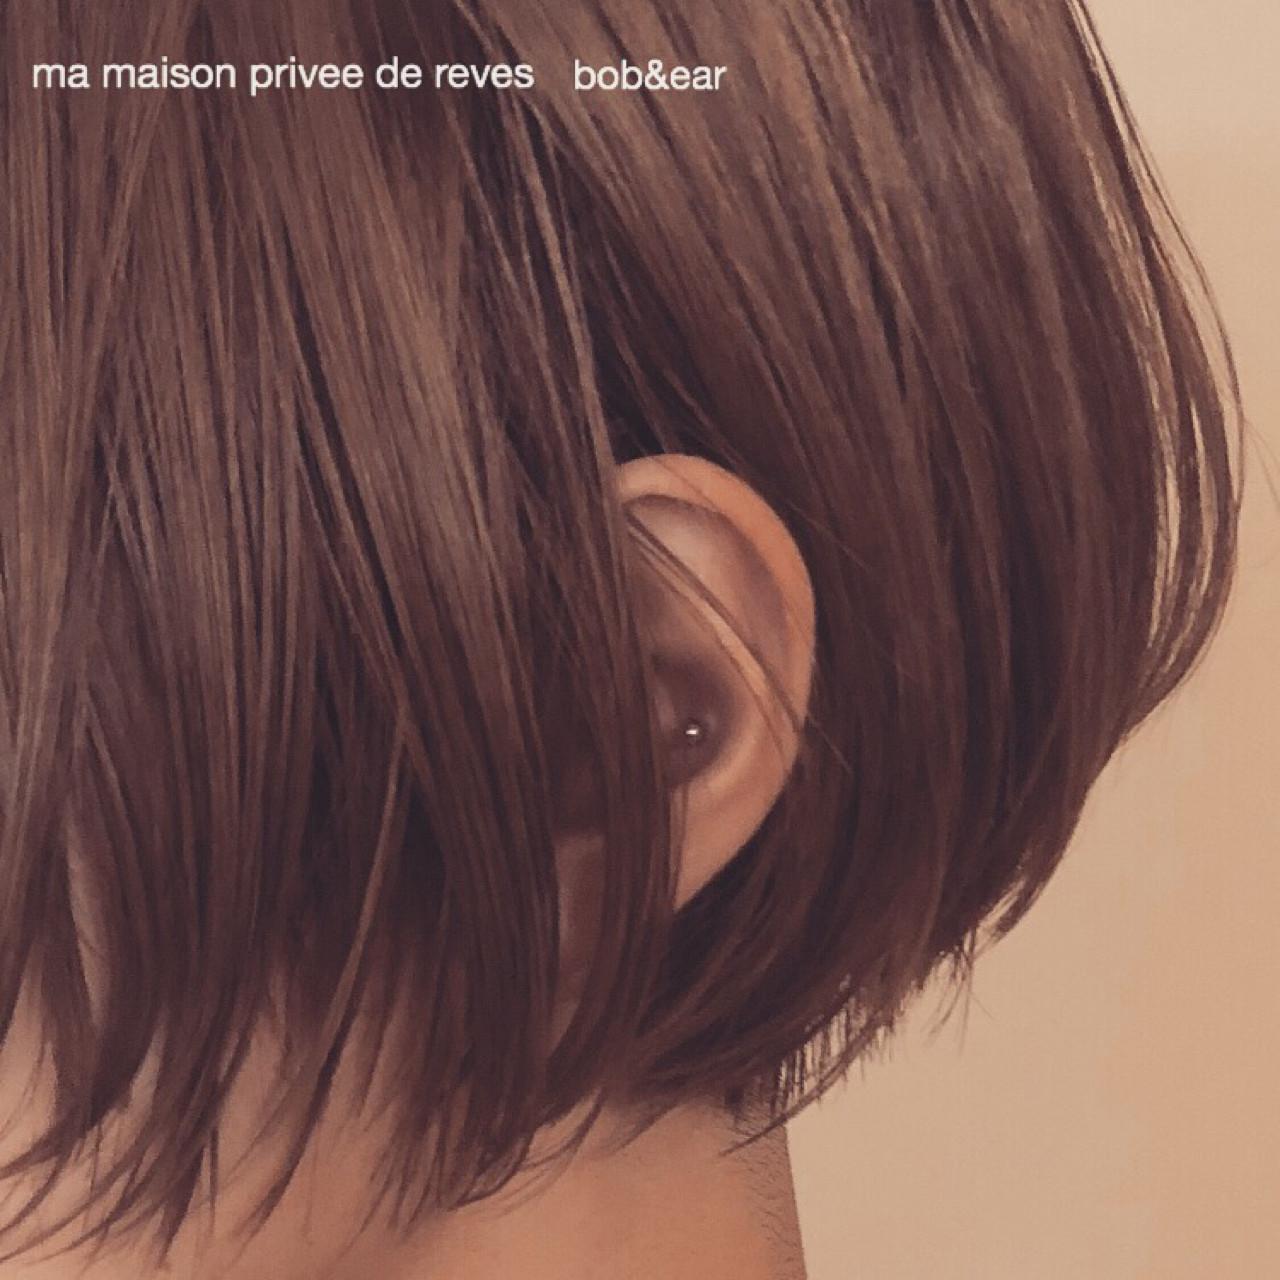 ナチュラル 色気 外国人風カラー ショート ヘアスタイルや髪型の写真・画像 | Takuo Kishi 【ma maison 】 / ma maison privee de reves